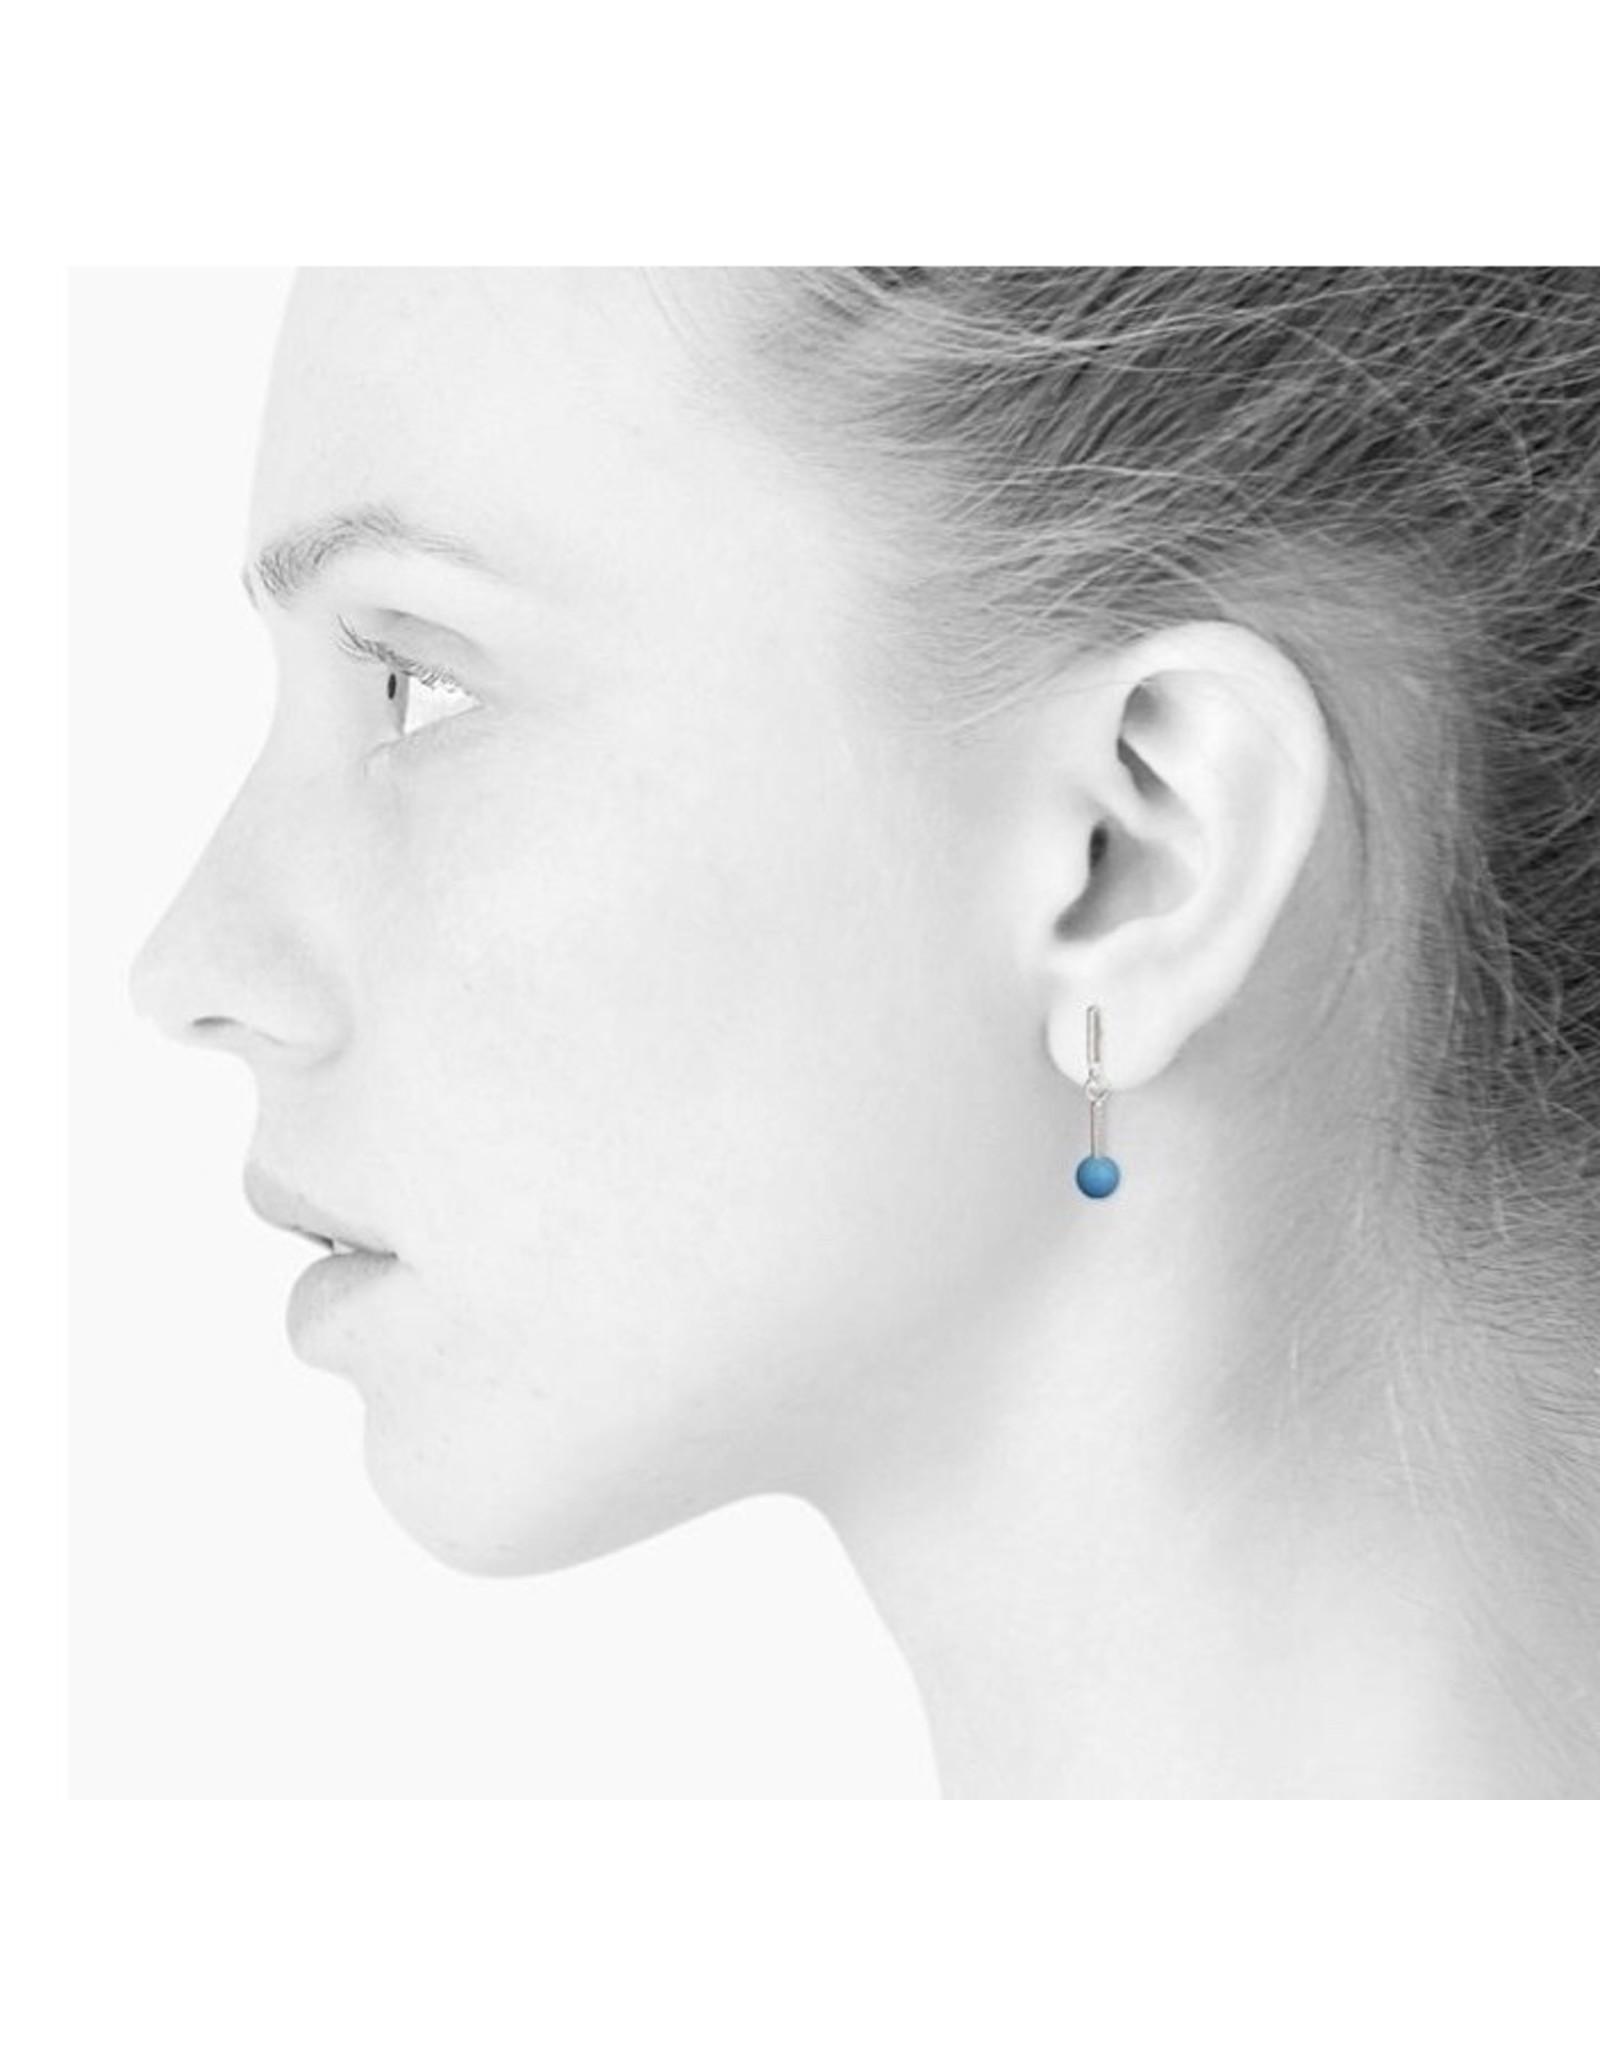 scherning oorbel zilver met cyaanblauw bolletje